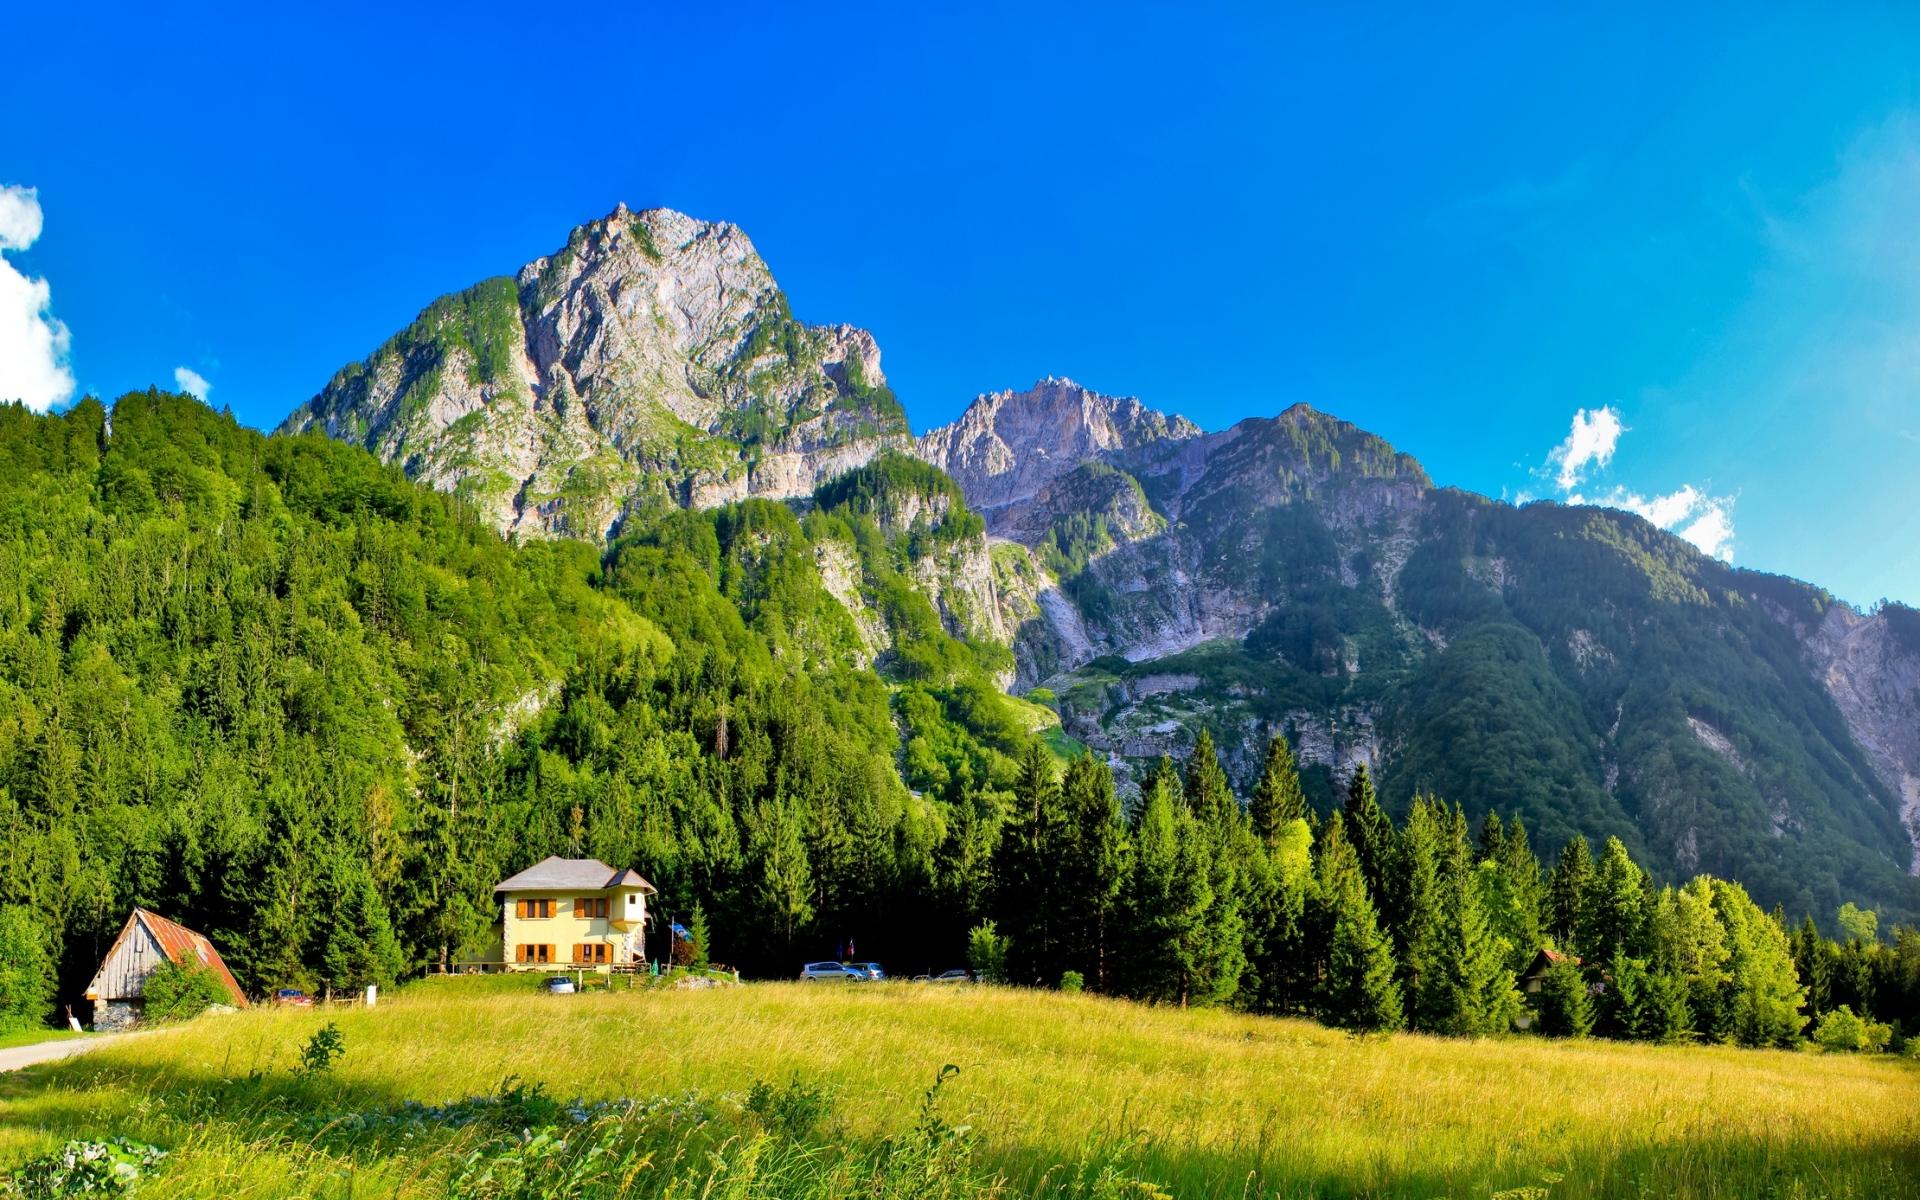 Картинки Словения, горы, домики, луг, зеленый, ярко, небо, синий, ясно фото и обои на рабочий стол